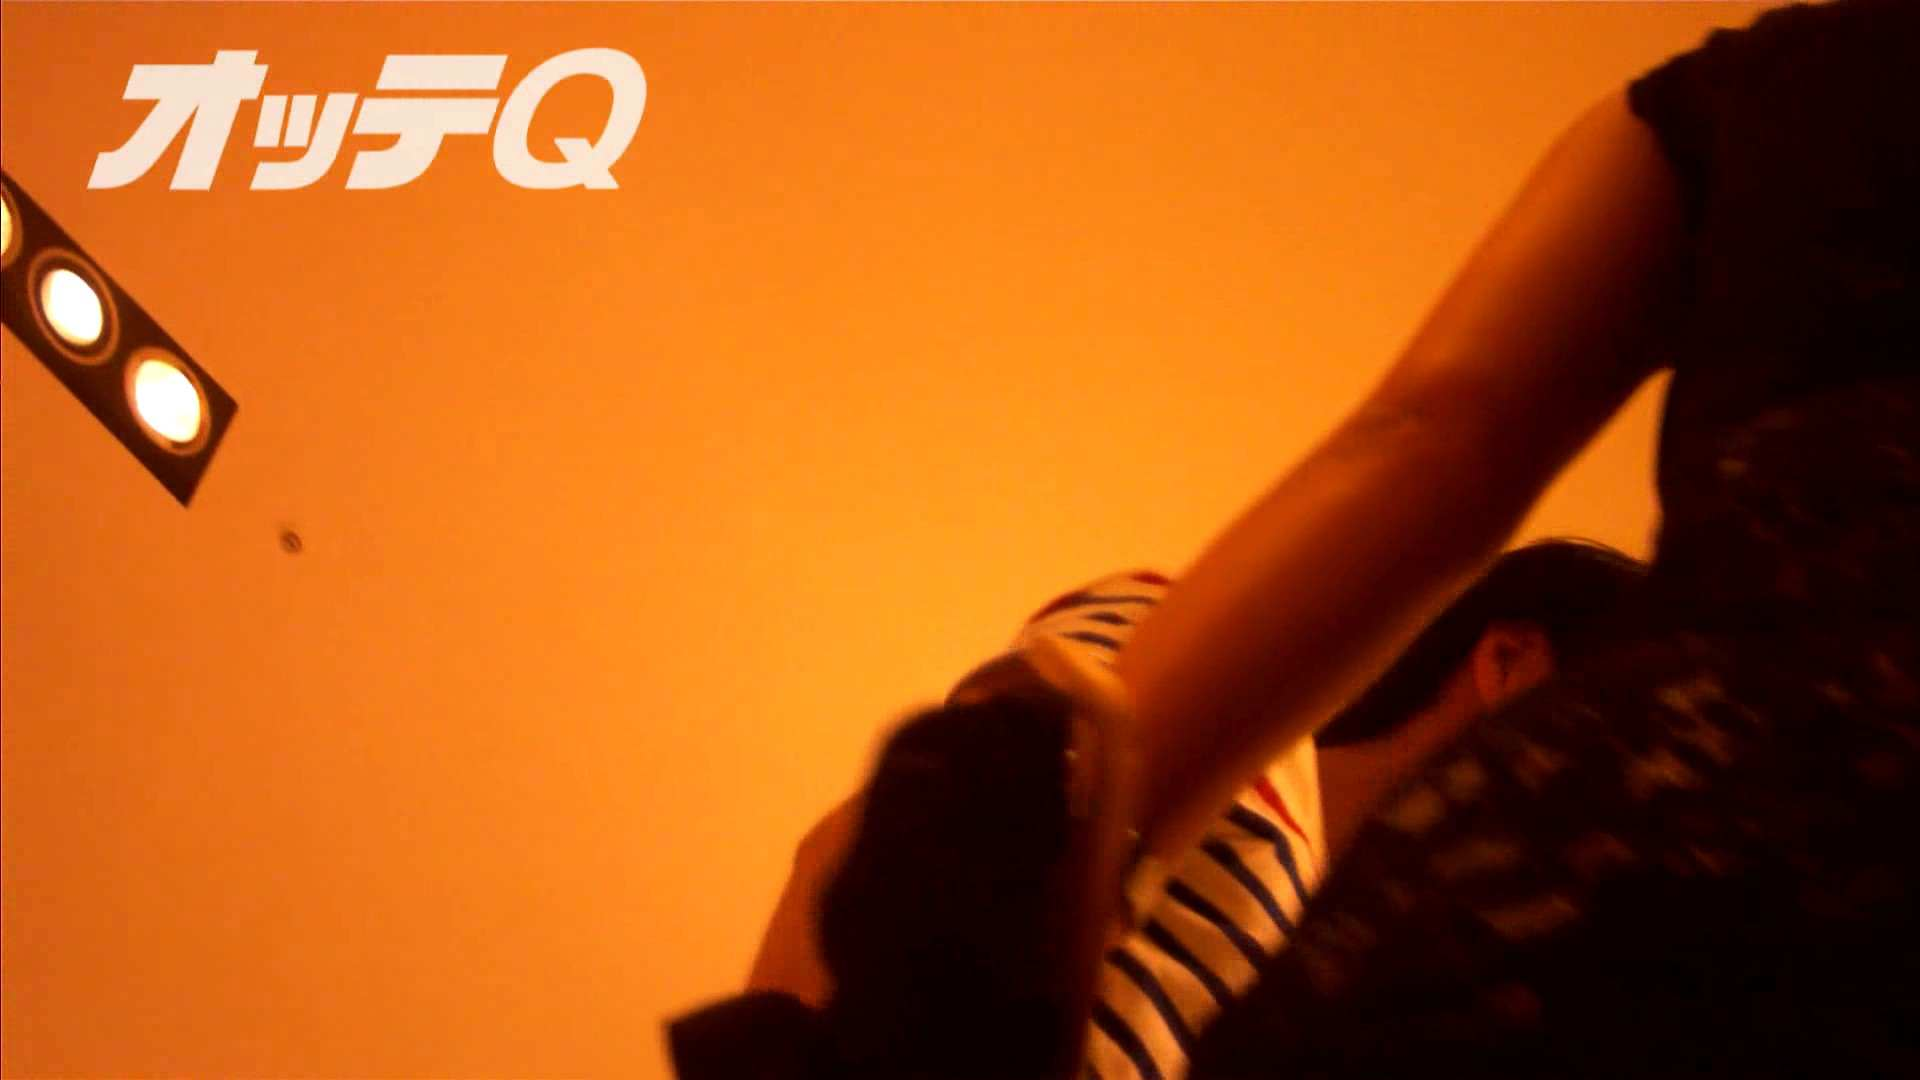 ハイビジョンパンチラ オッテQさんの追跡パンチラデパート編VOL.03 追跡 おまんこ無修正動画無料 102枚 62